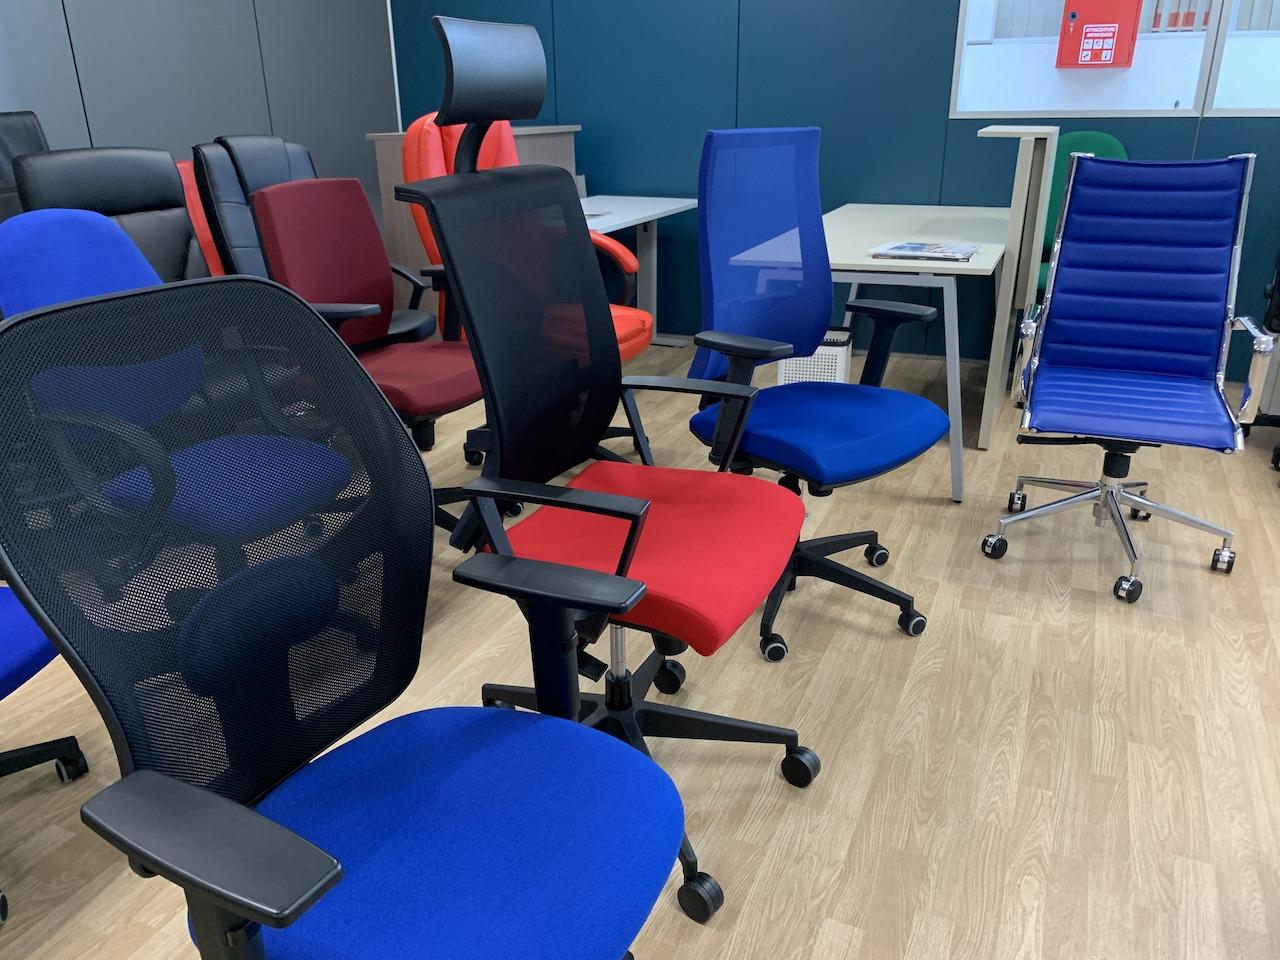 OGLIANICO - Ecco gli accessori fondamentali per una postazione di lavoro ergonomica